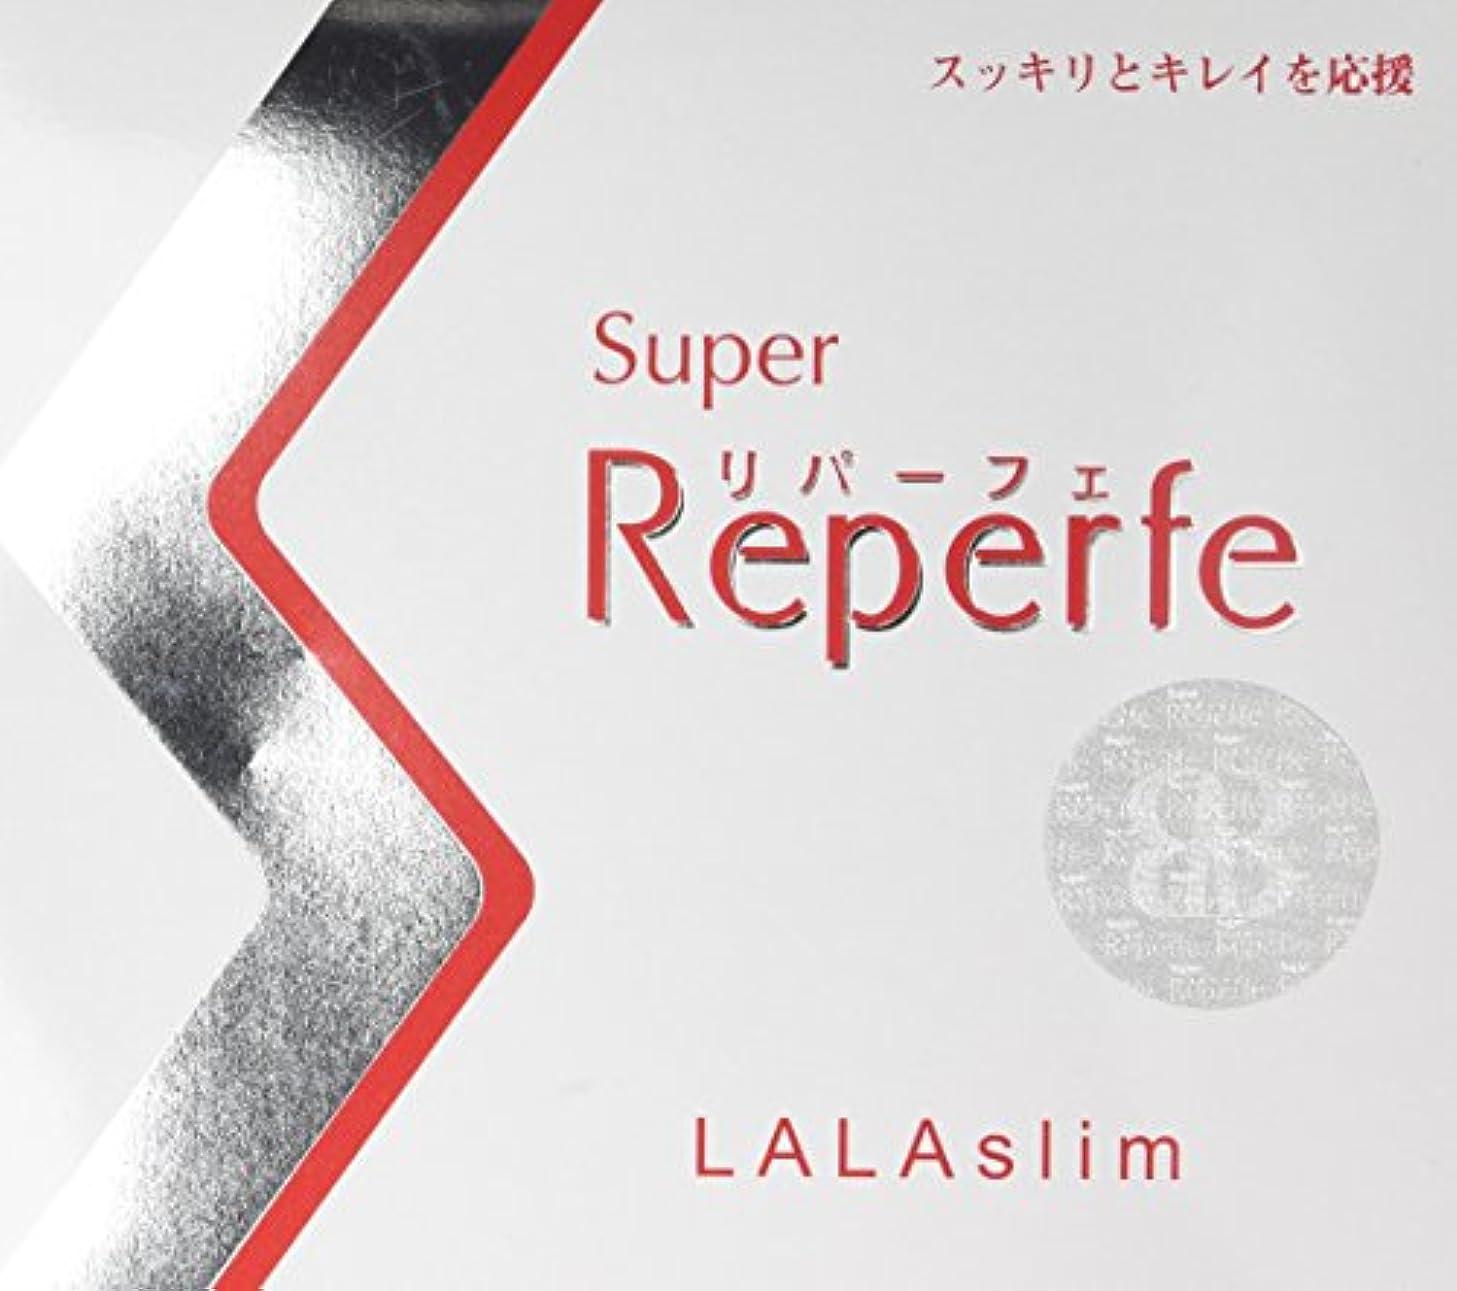 伴うブランドすみませんスーパーリパーフェ ララスリム 錠剤タイプ